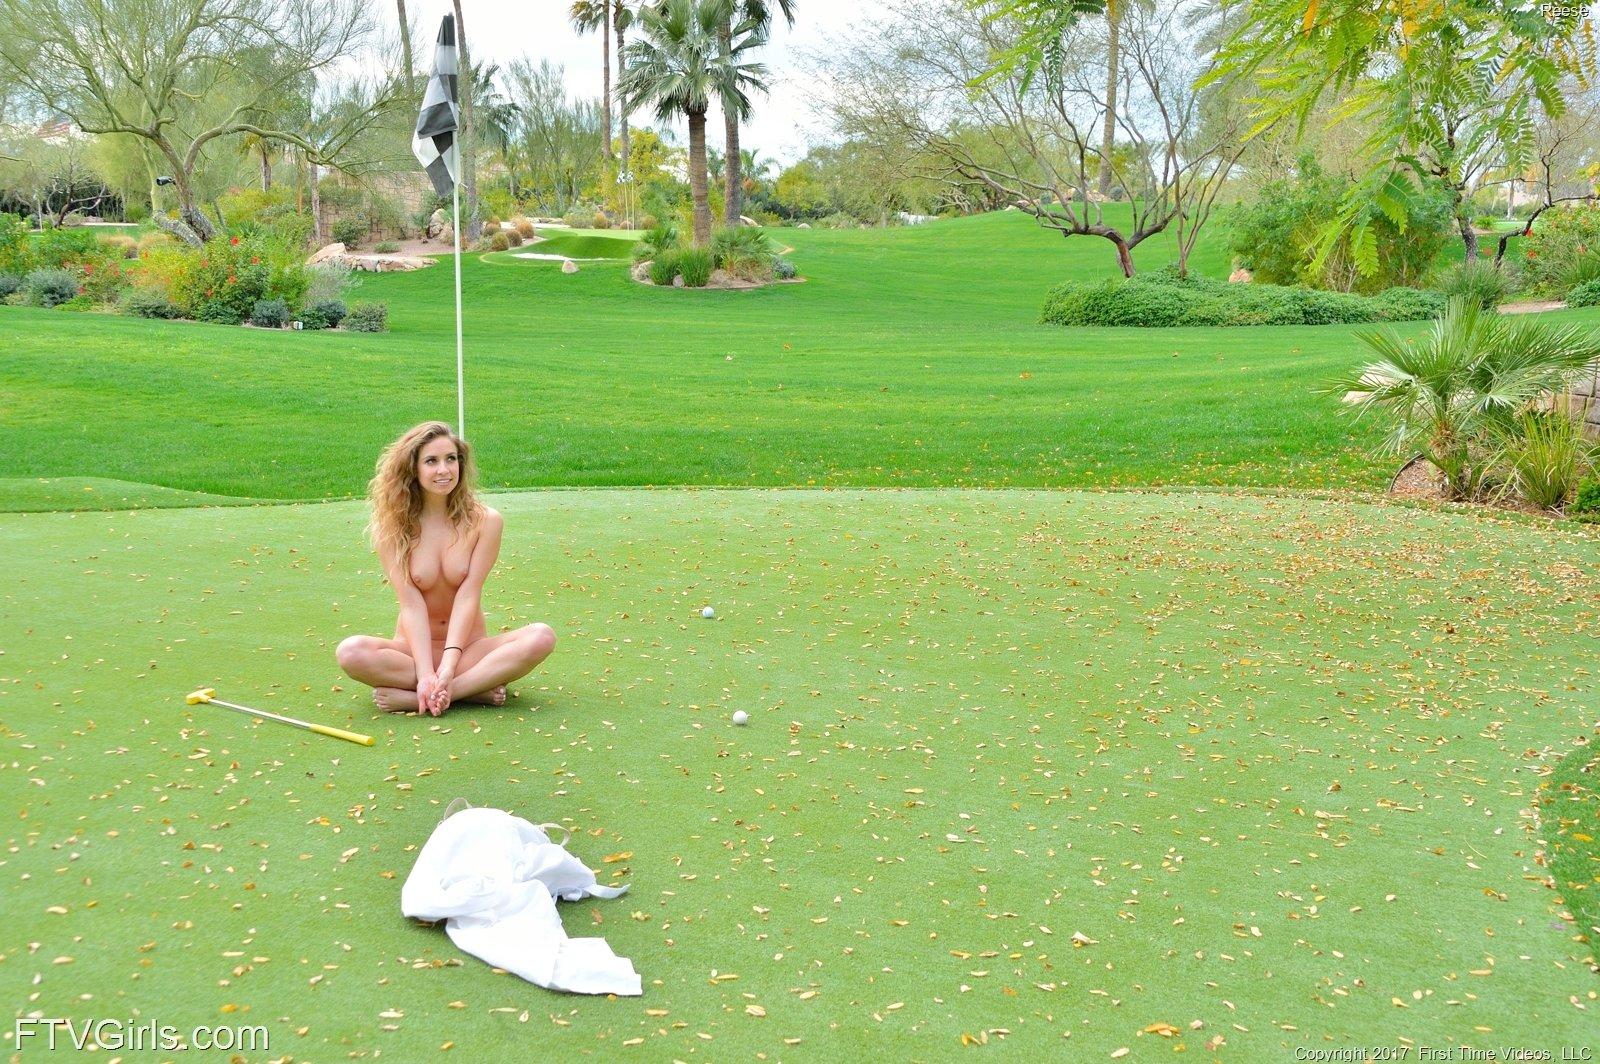 Zdjęcie porno - 132 - Laseczka w białej sukience